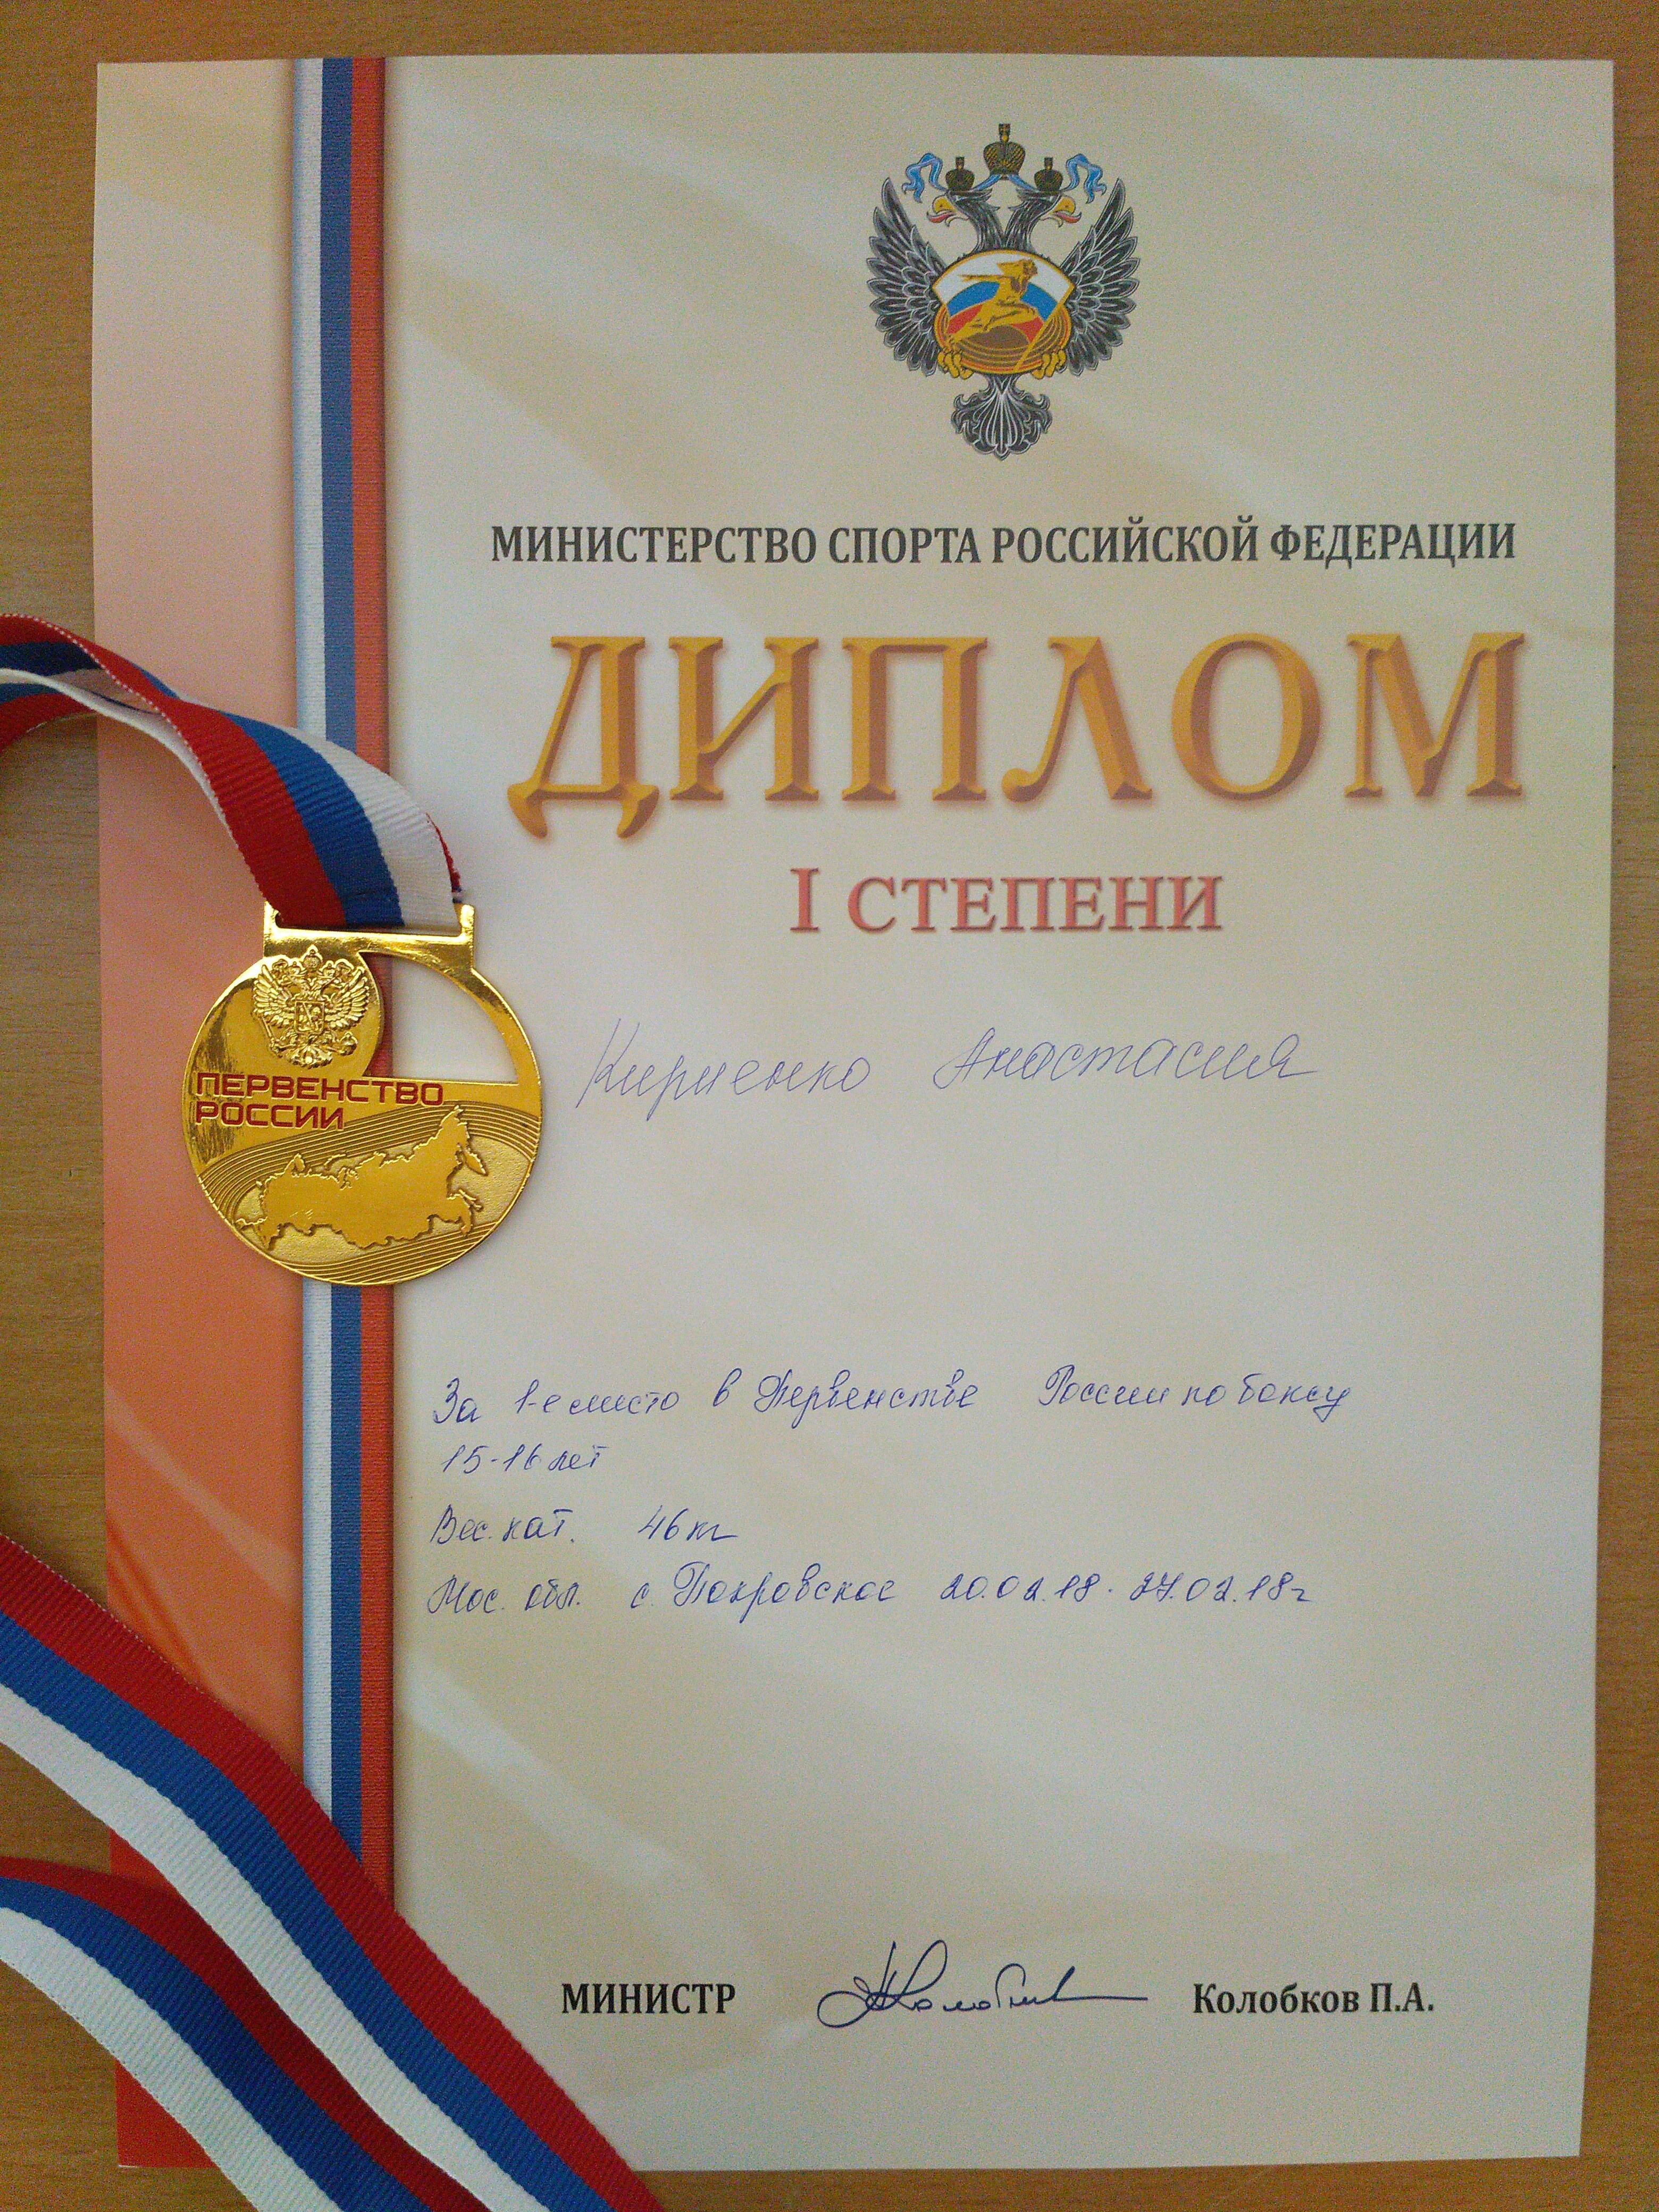 Анастасия Кириенко - диплом Первенства России